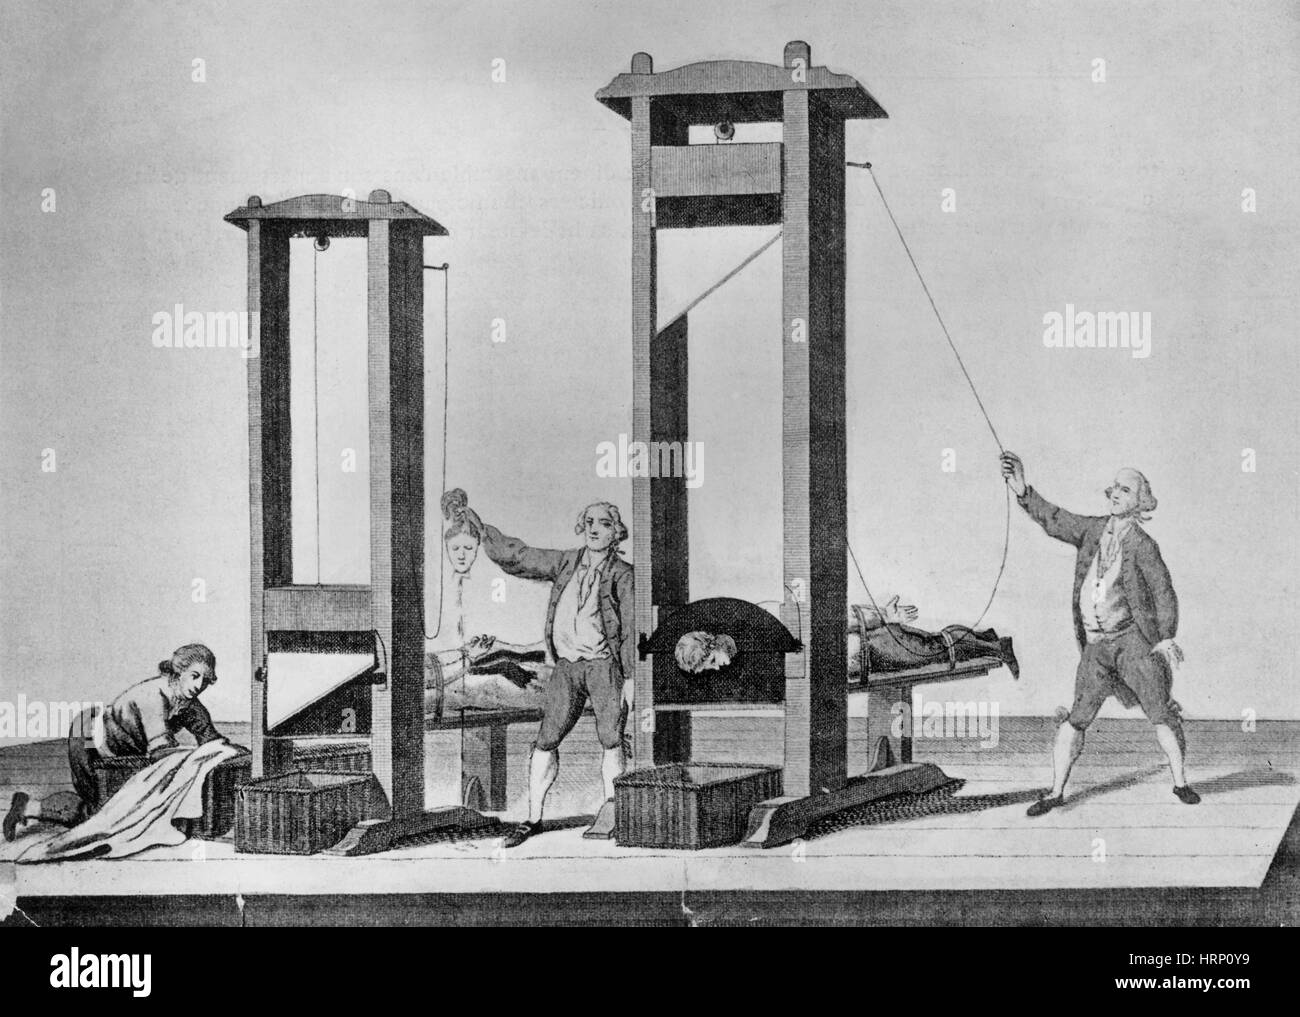 La Rivoluzione francese ghigliottina, XVIII secolo Immagini Stock